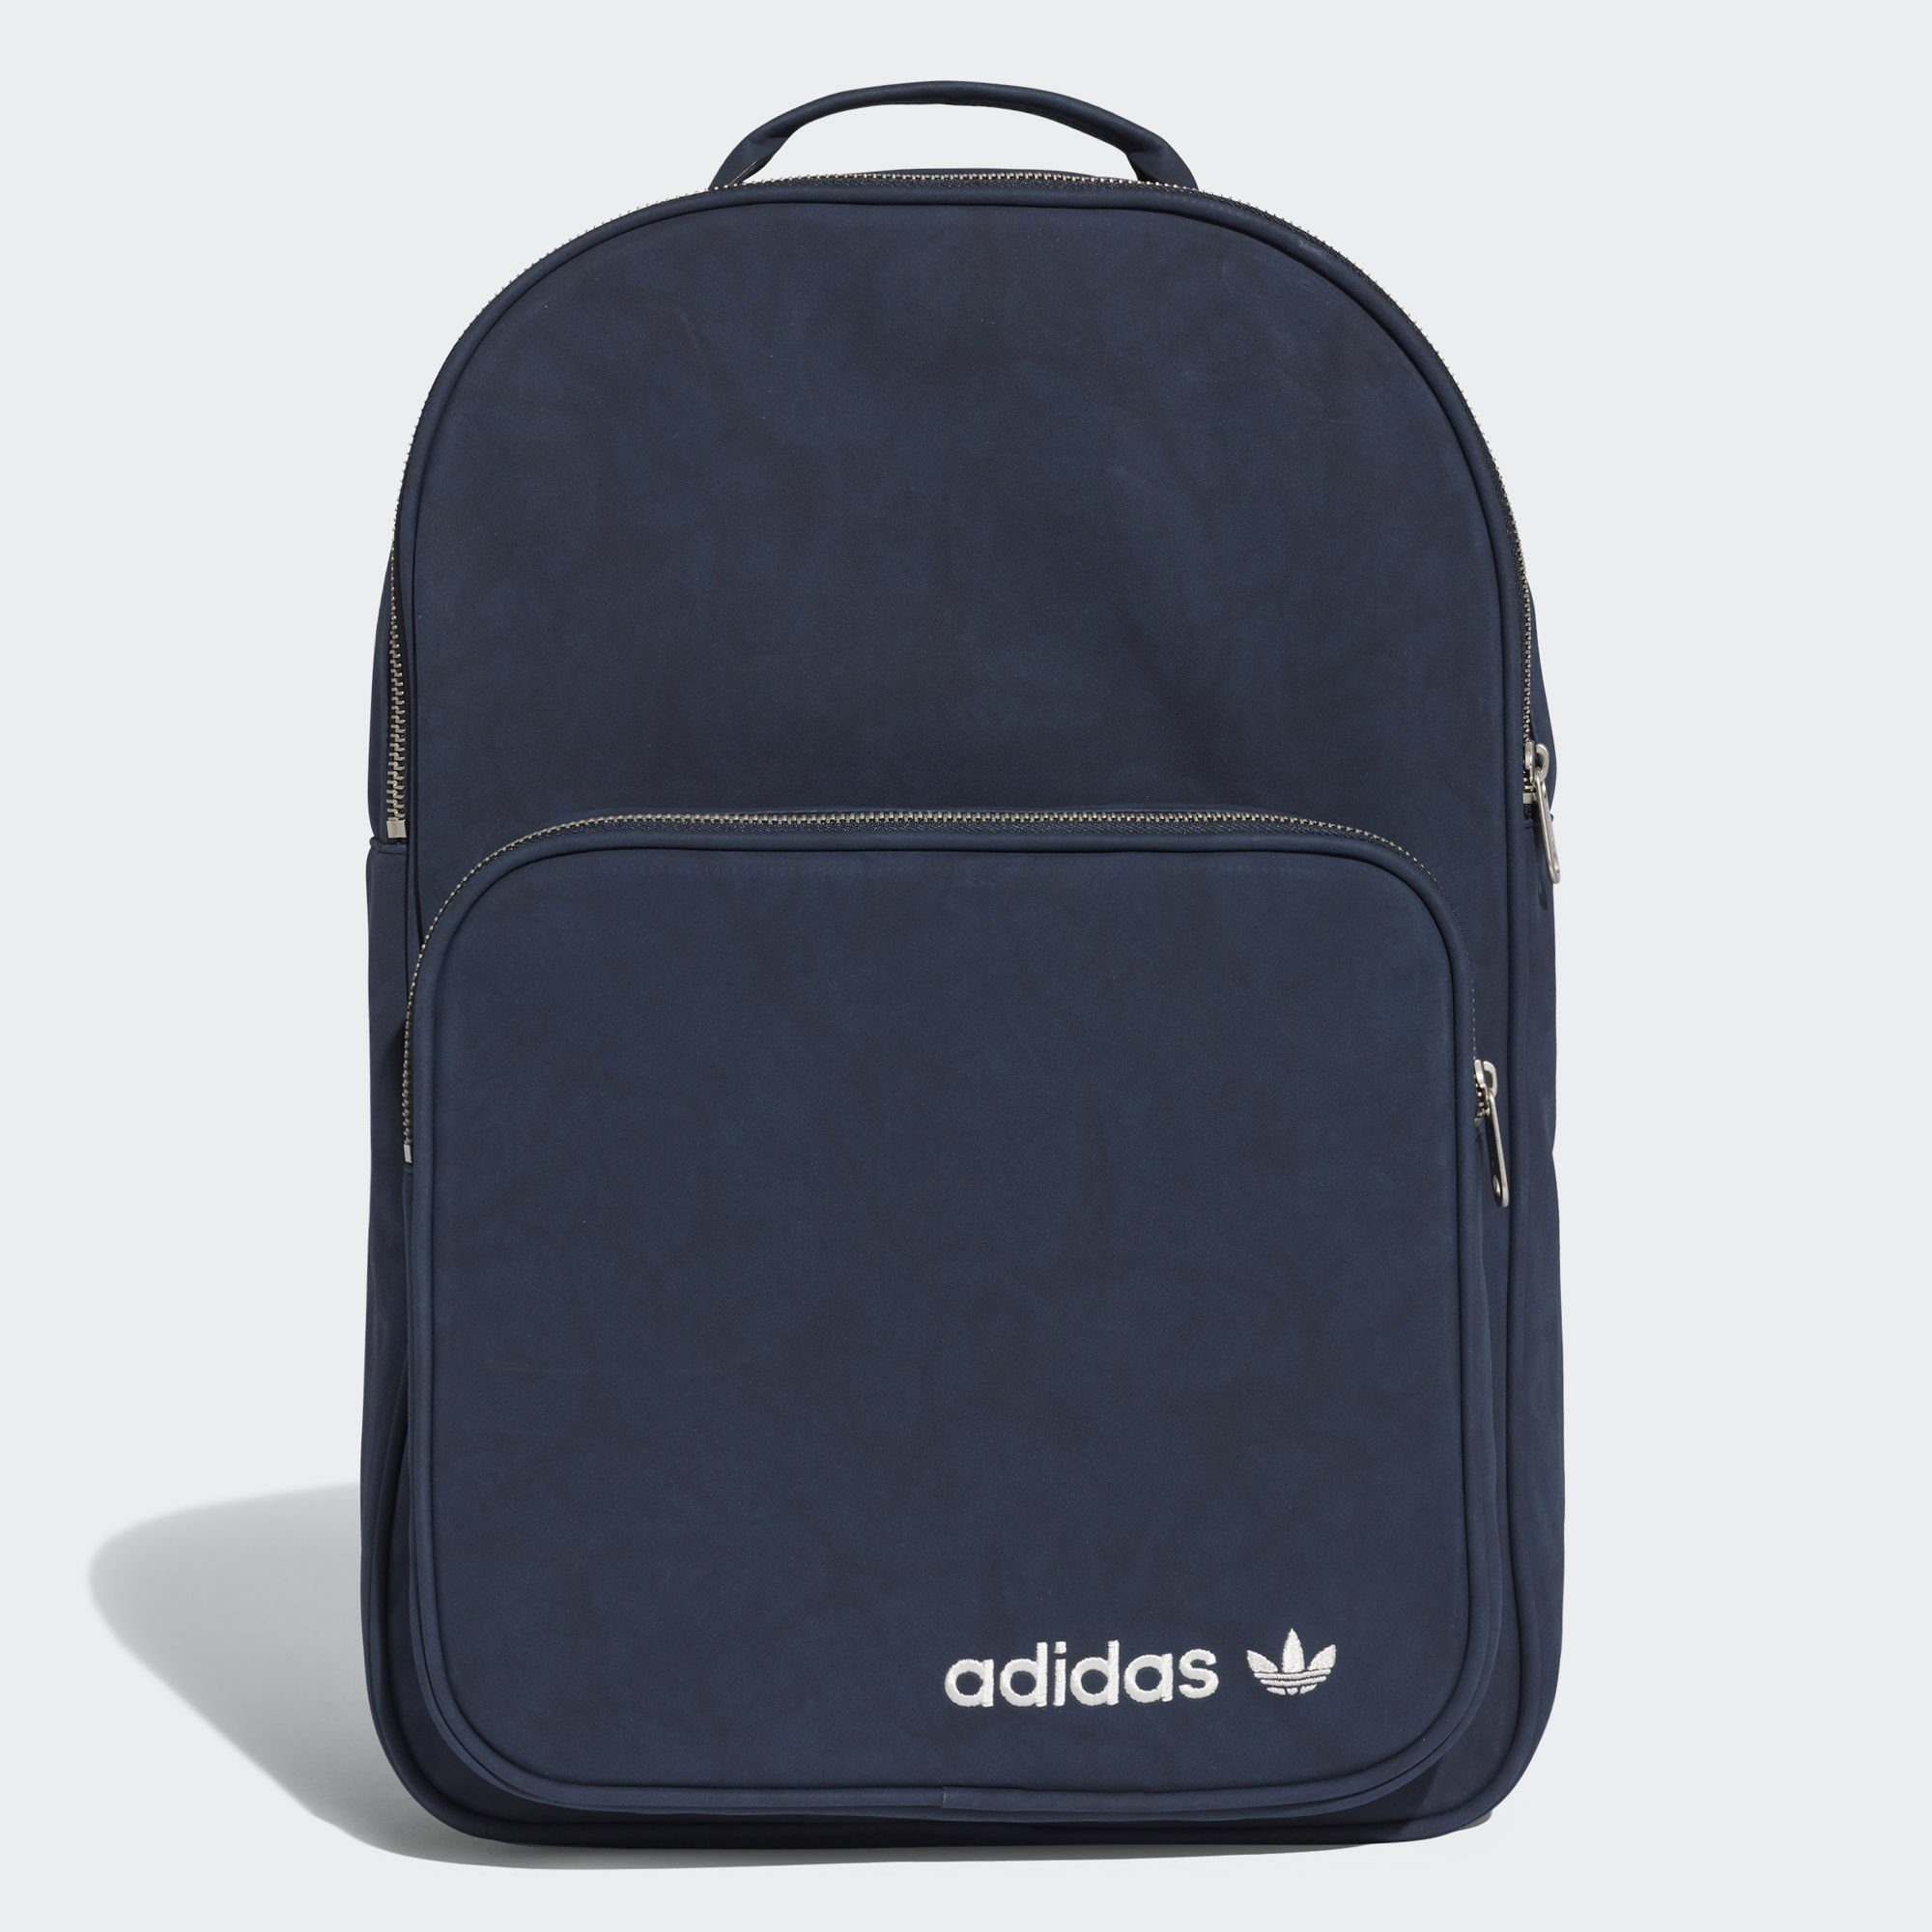 adidas Originals Sporttasche »Rucksack«